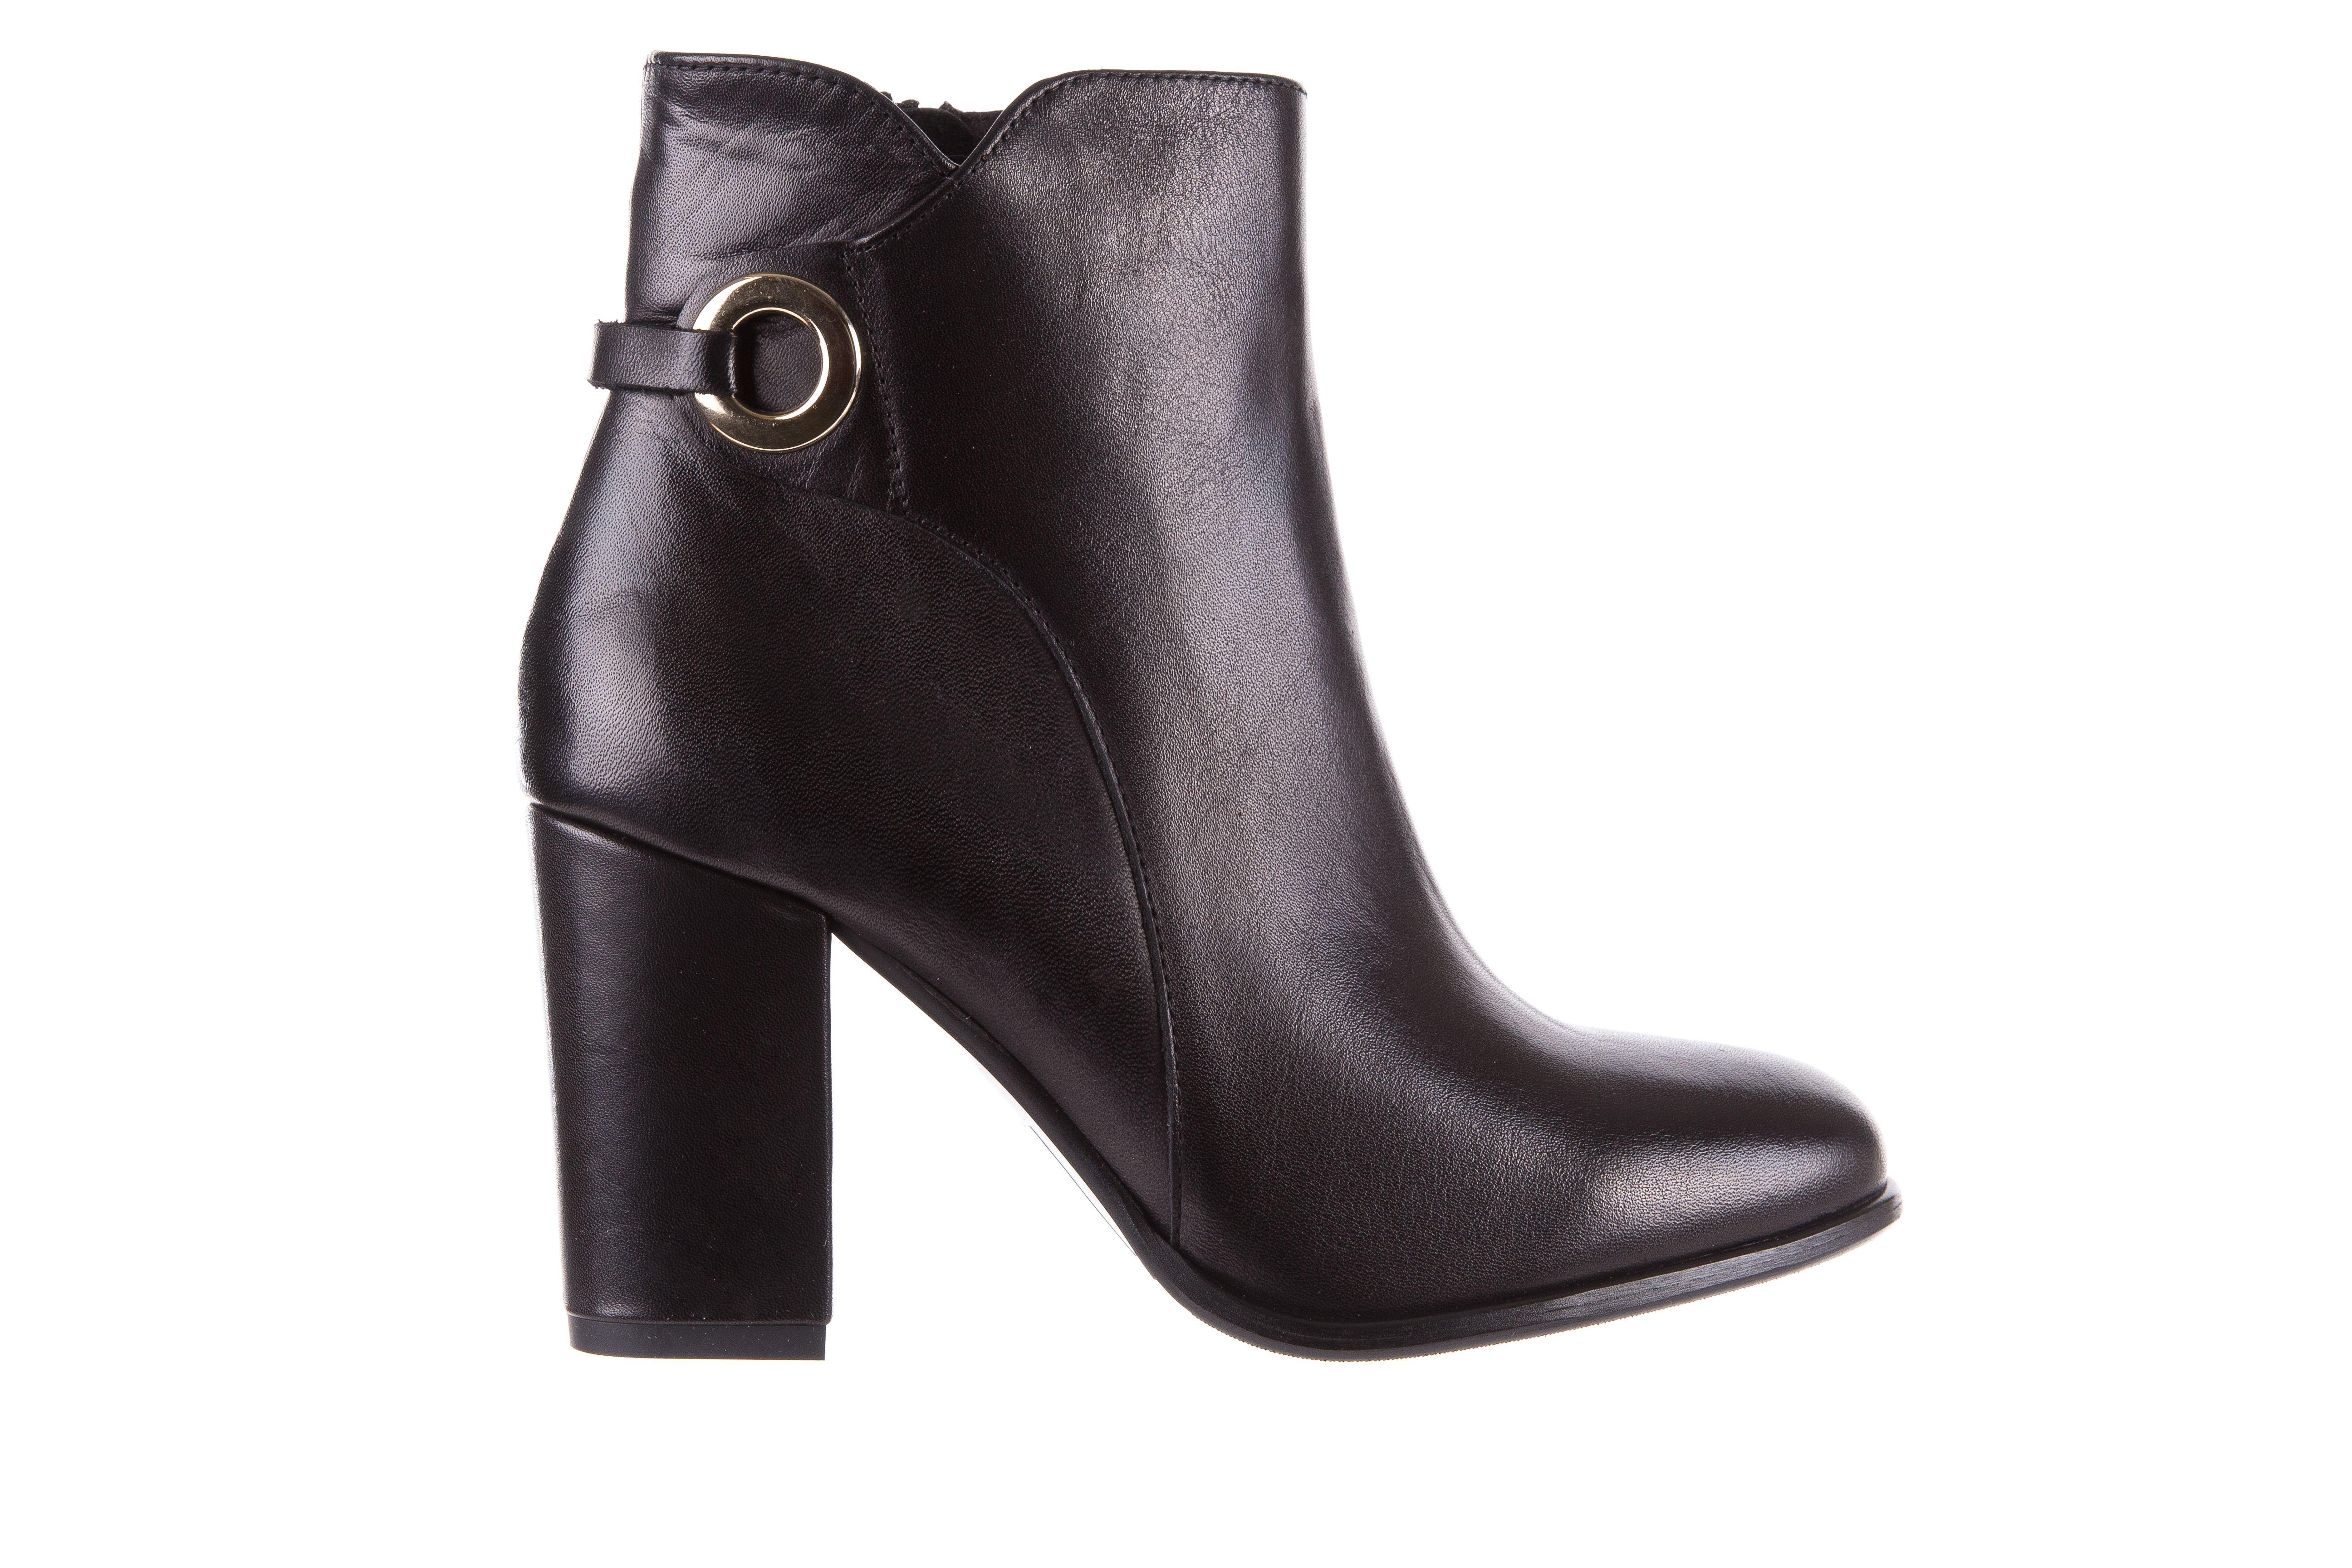 Bayla 170 2136 Czarne Botki Czarne Botki Na Obcasie Wykonane Ze Skory Naturalnej Zapinane Na Zamek Delikatnie Ocieplone Stabilny Ob Boots Ankle Boot Shoes